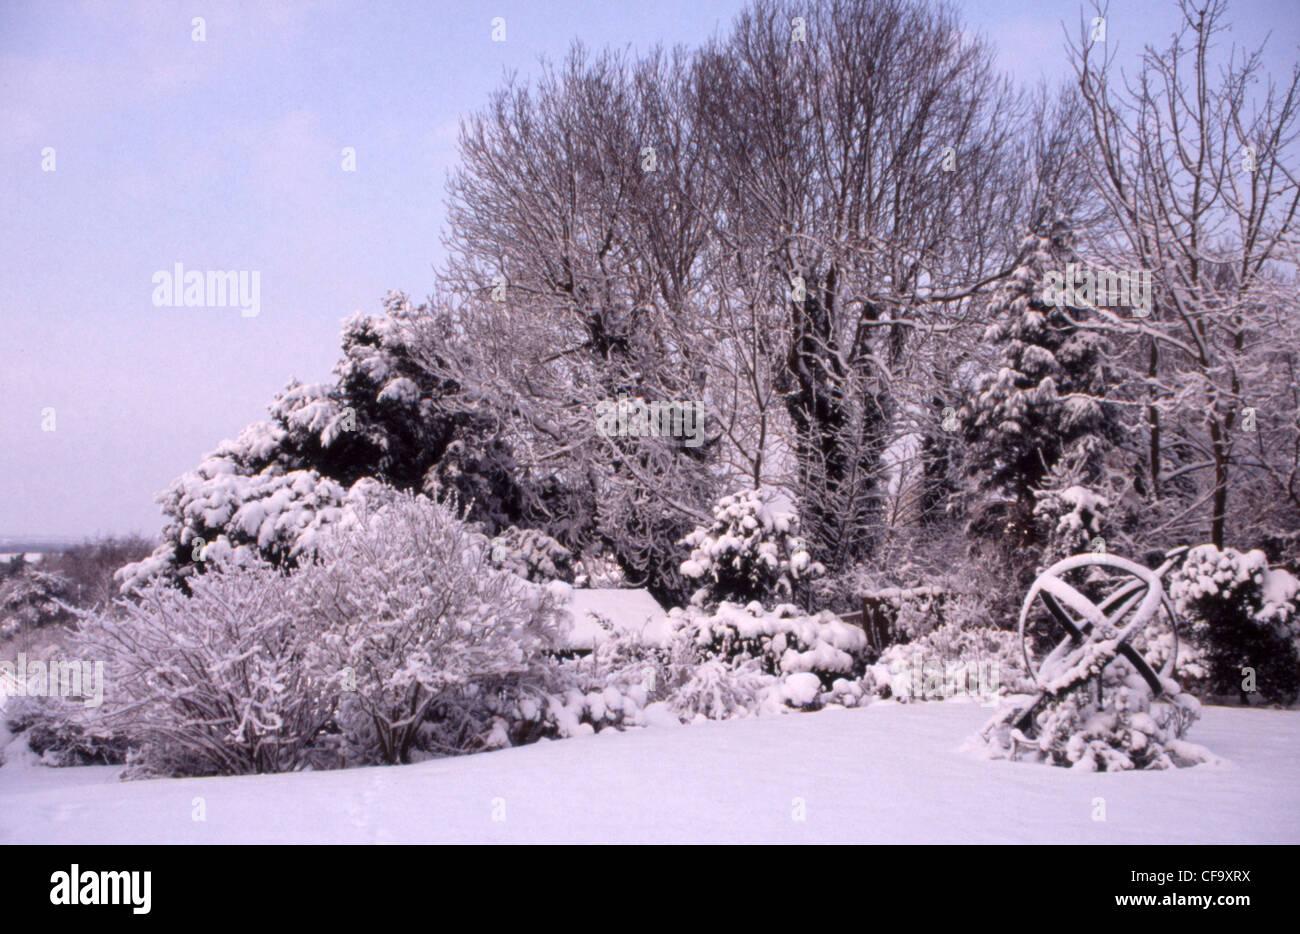 winter garden british garden in allendale kent uk overlooking